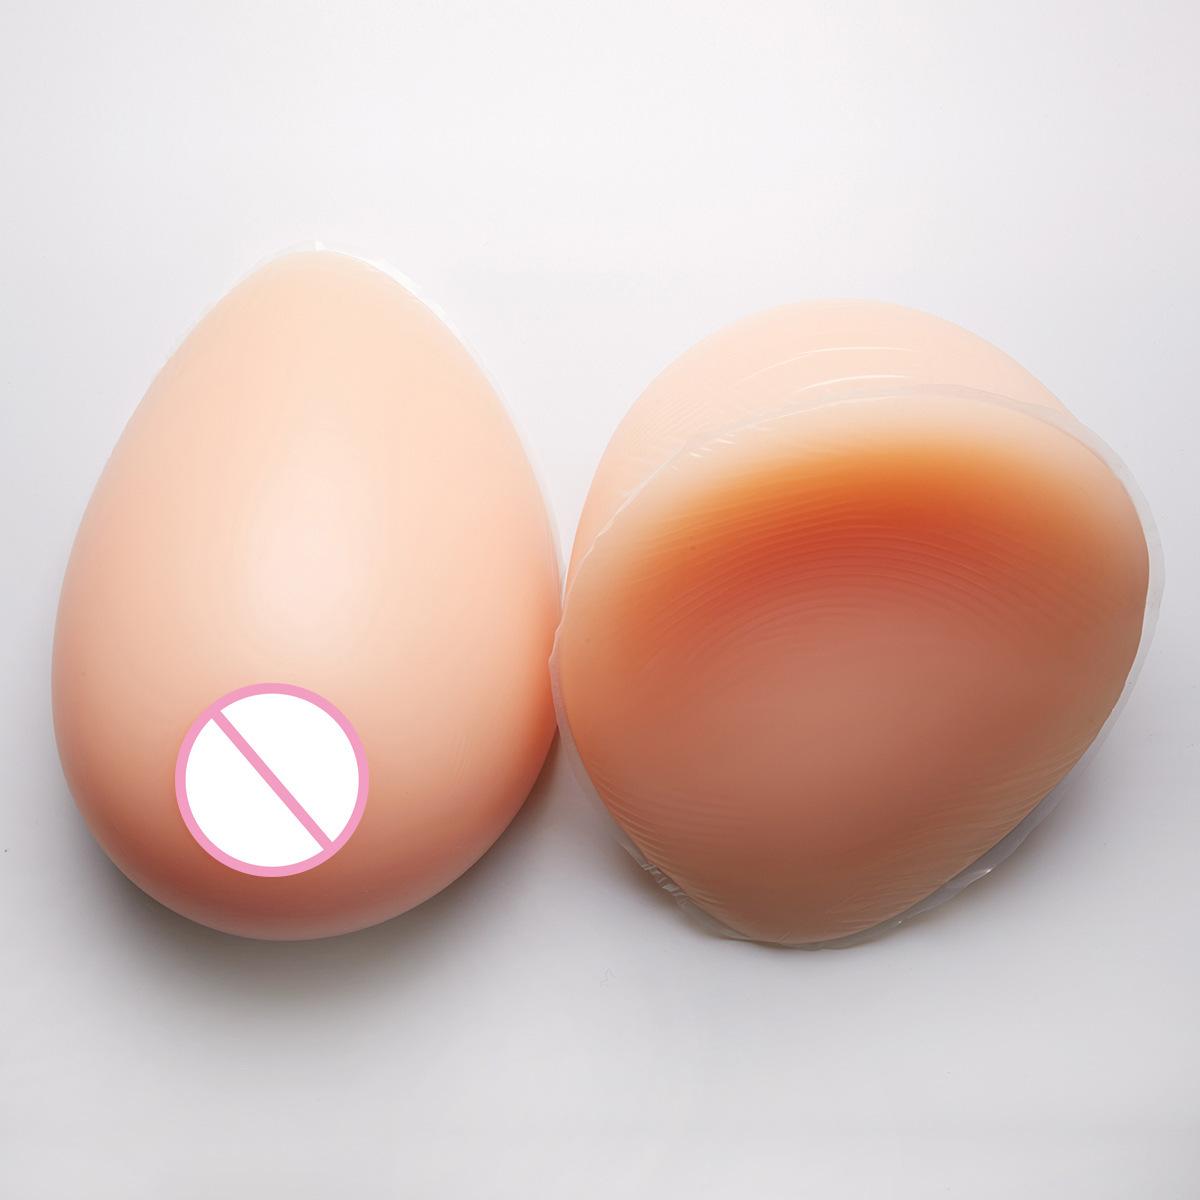 営業所止め可能 秘密発送 人工 乳房 偽胸 豊胸 おっぱい 女装 自然な一体感 粘着 貼付式 シリコンバスト 左右 2個 Eカップ_画像7